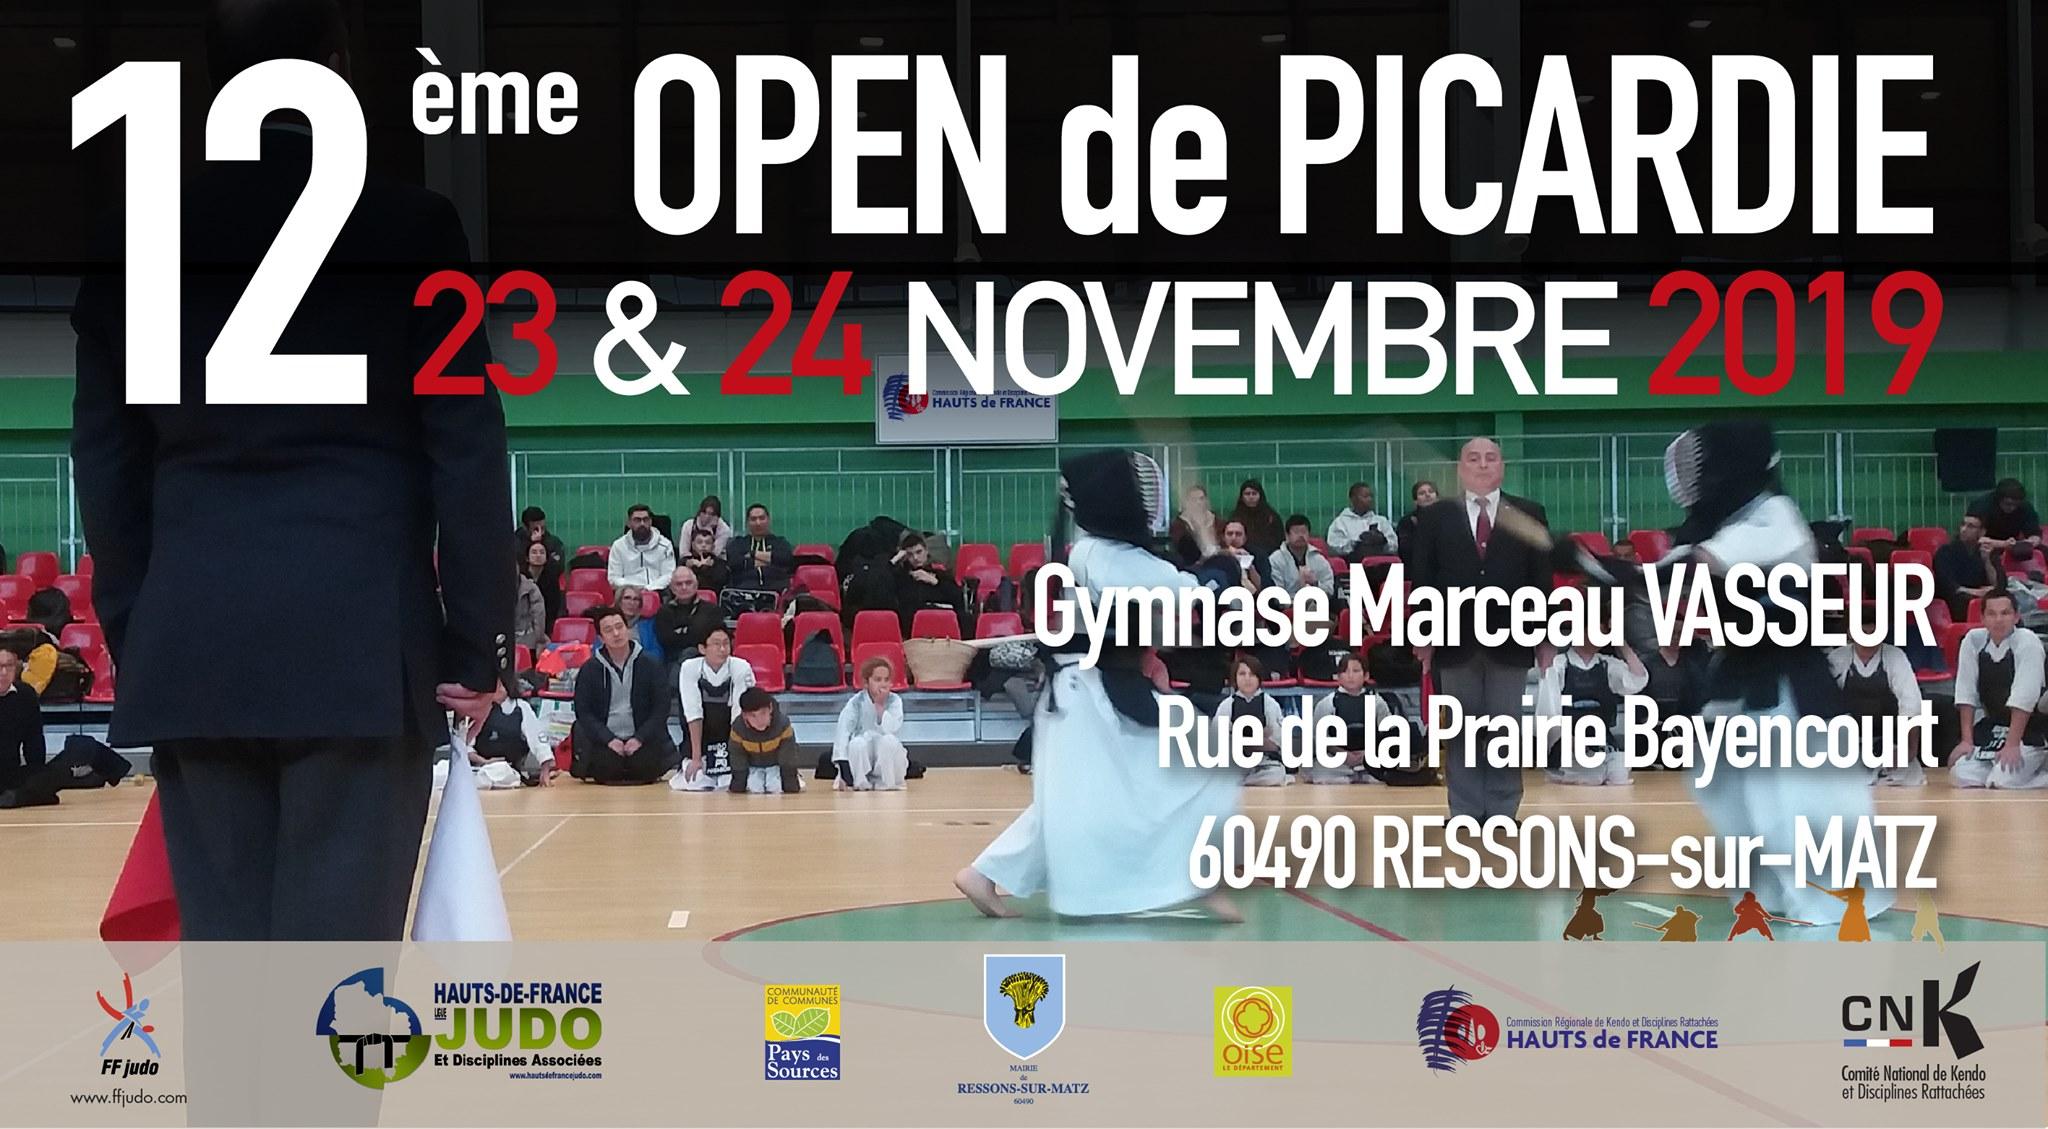 openPicardie2019